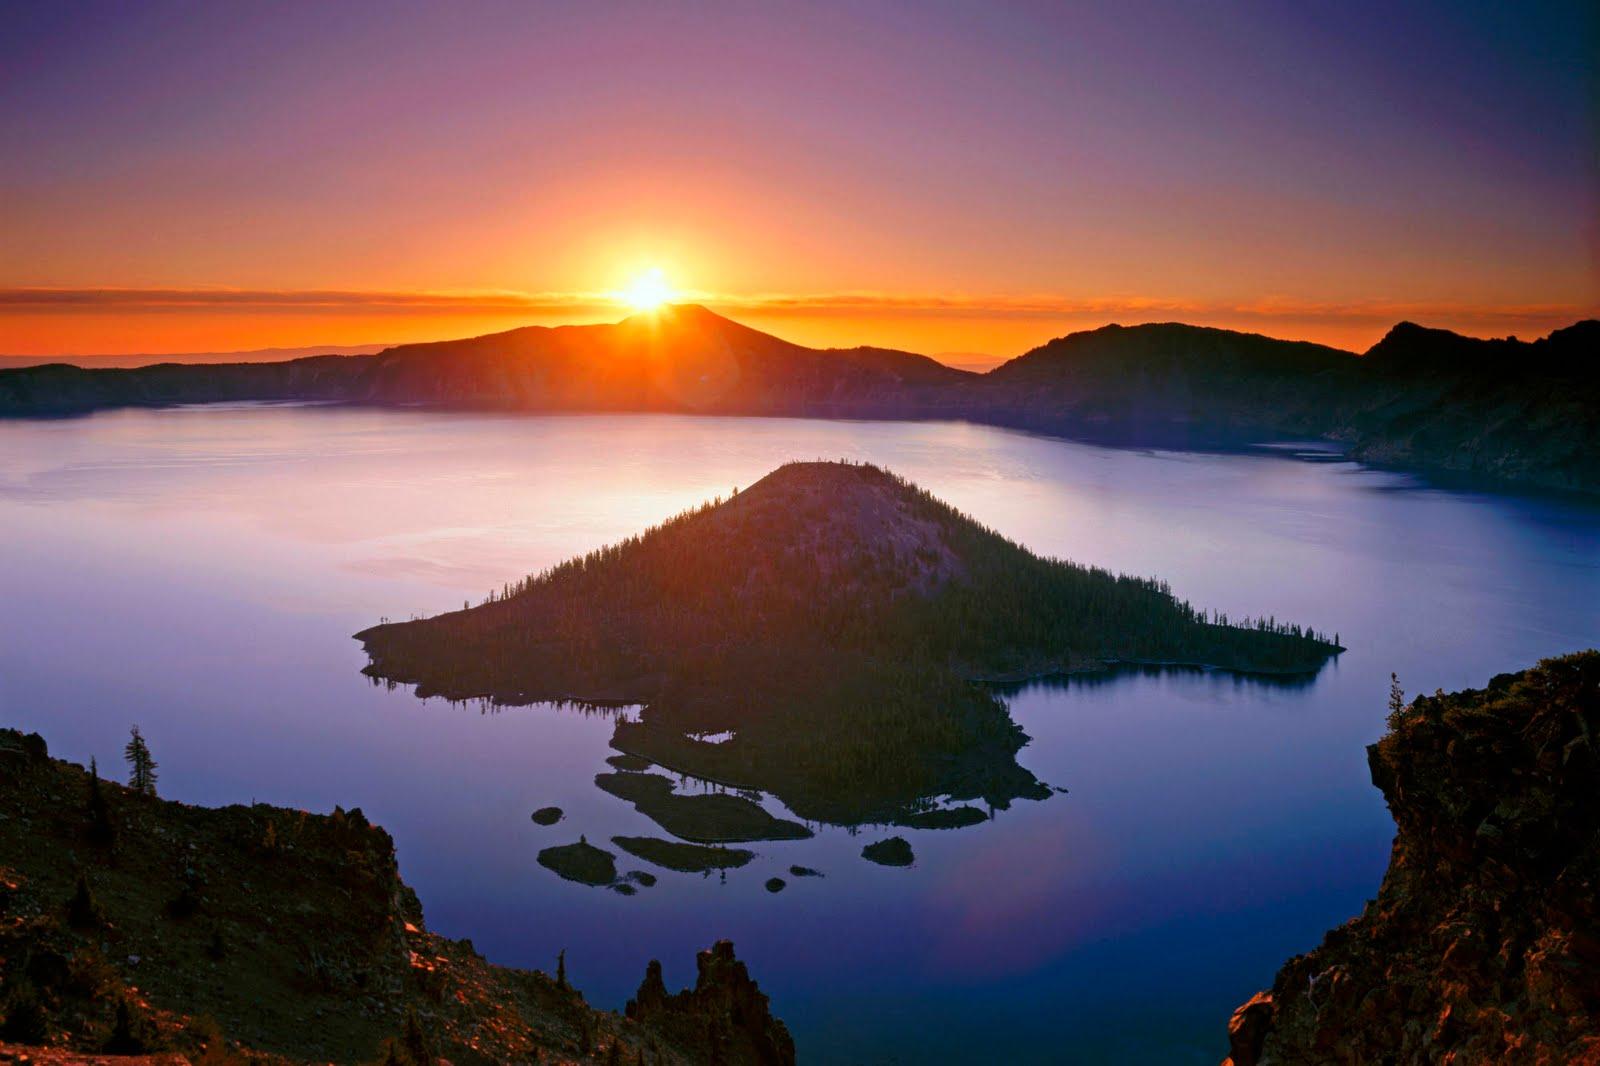 sunrise - photo #46